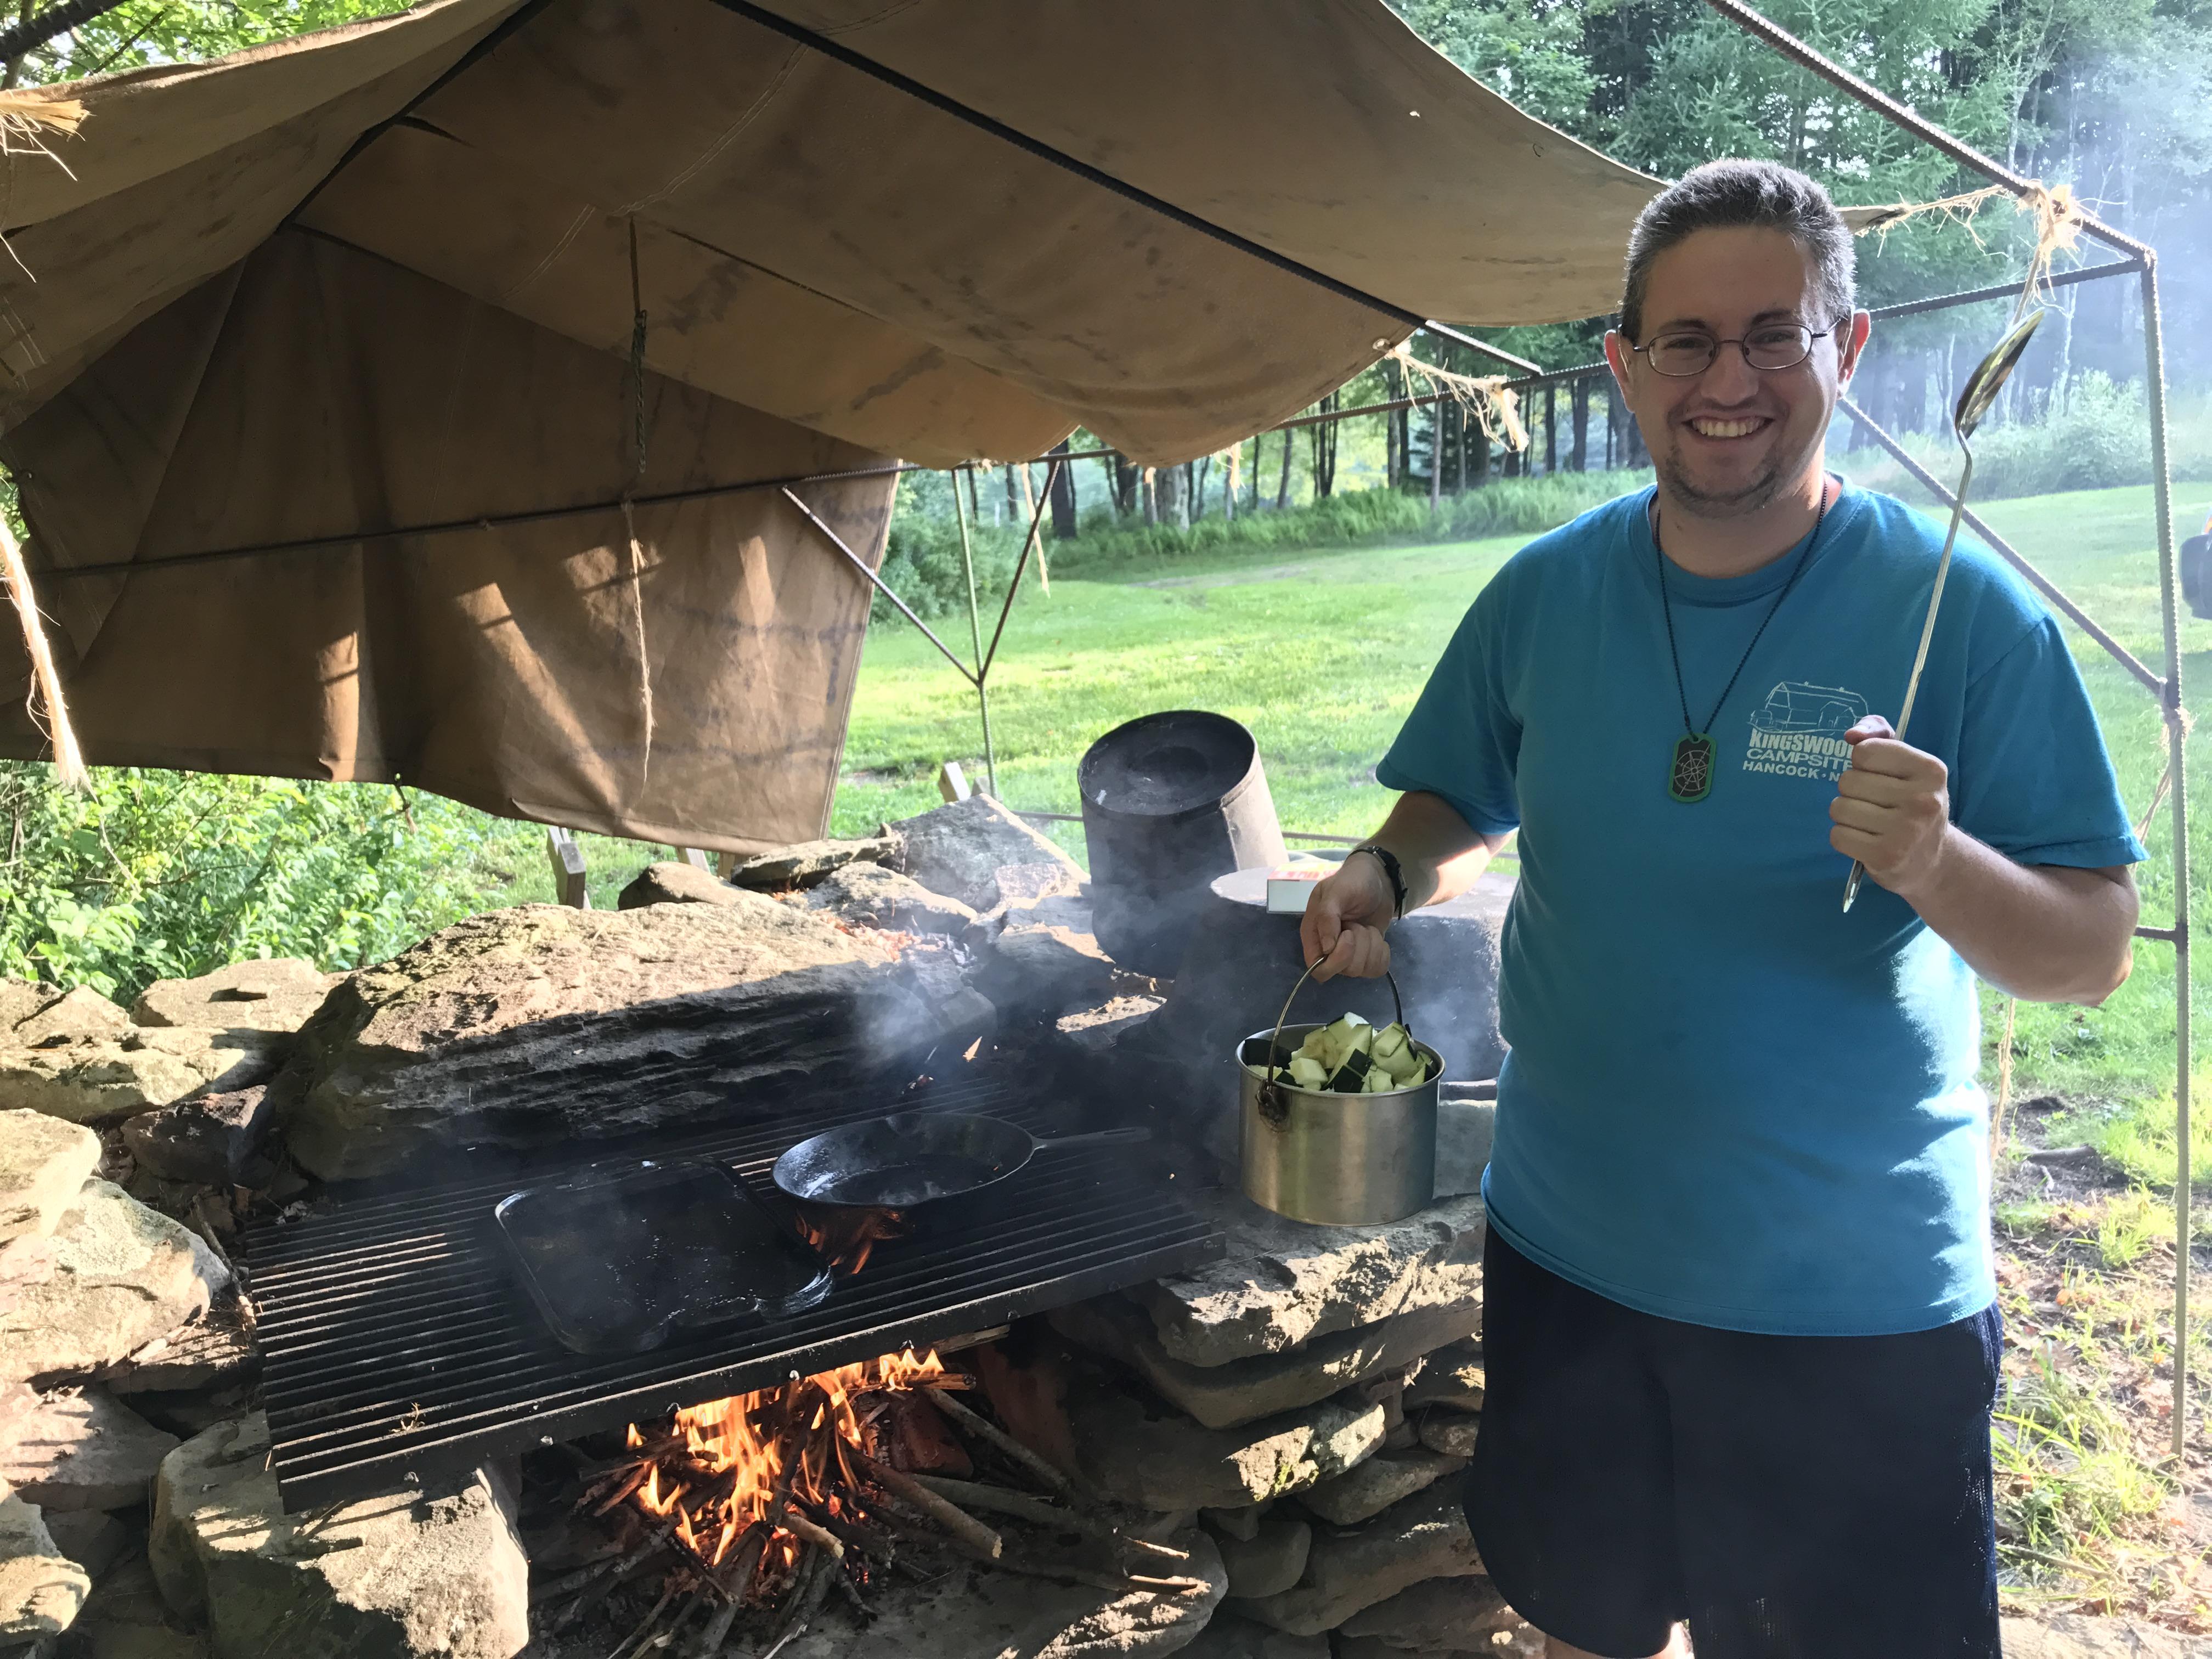 Carefree Camping